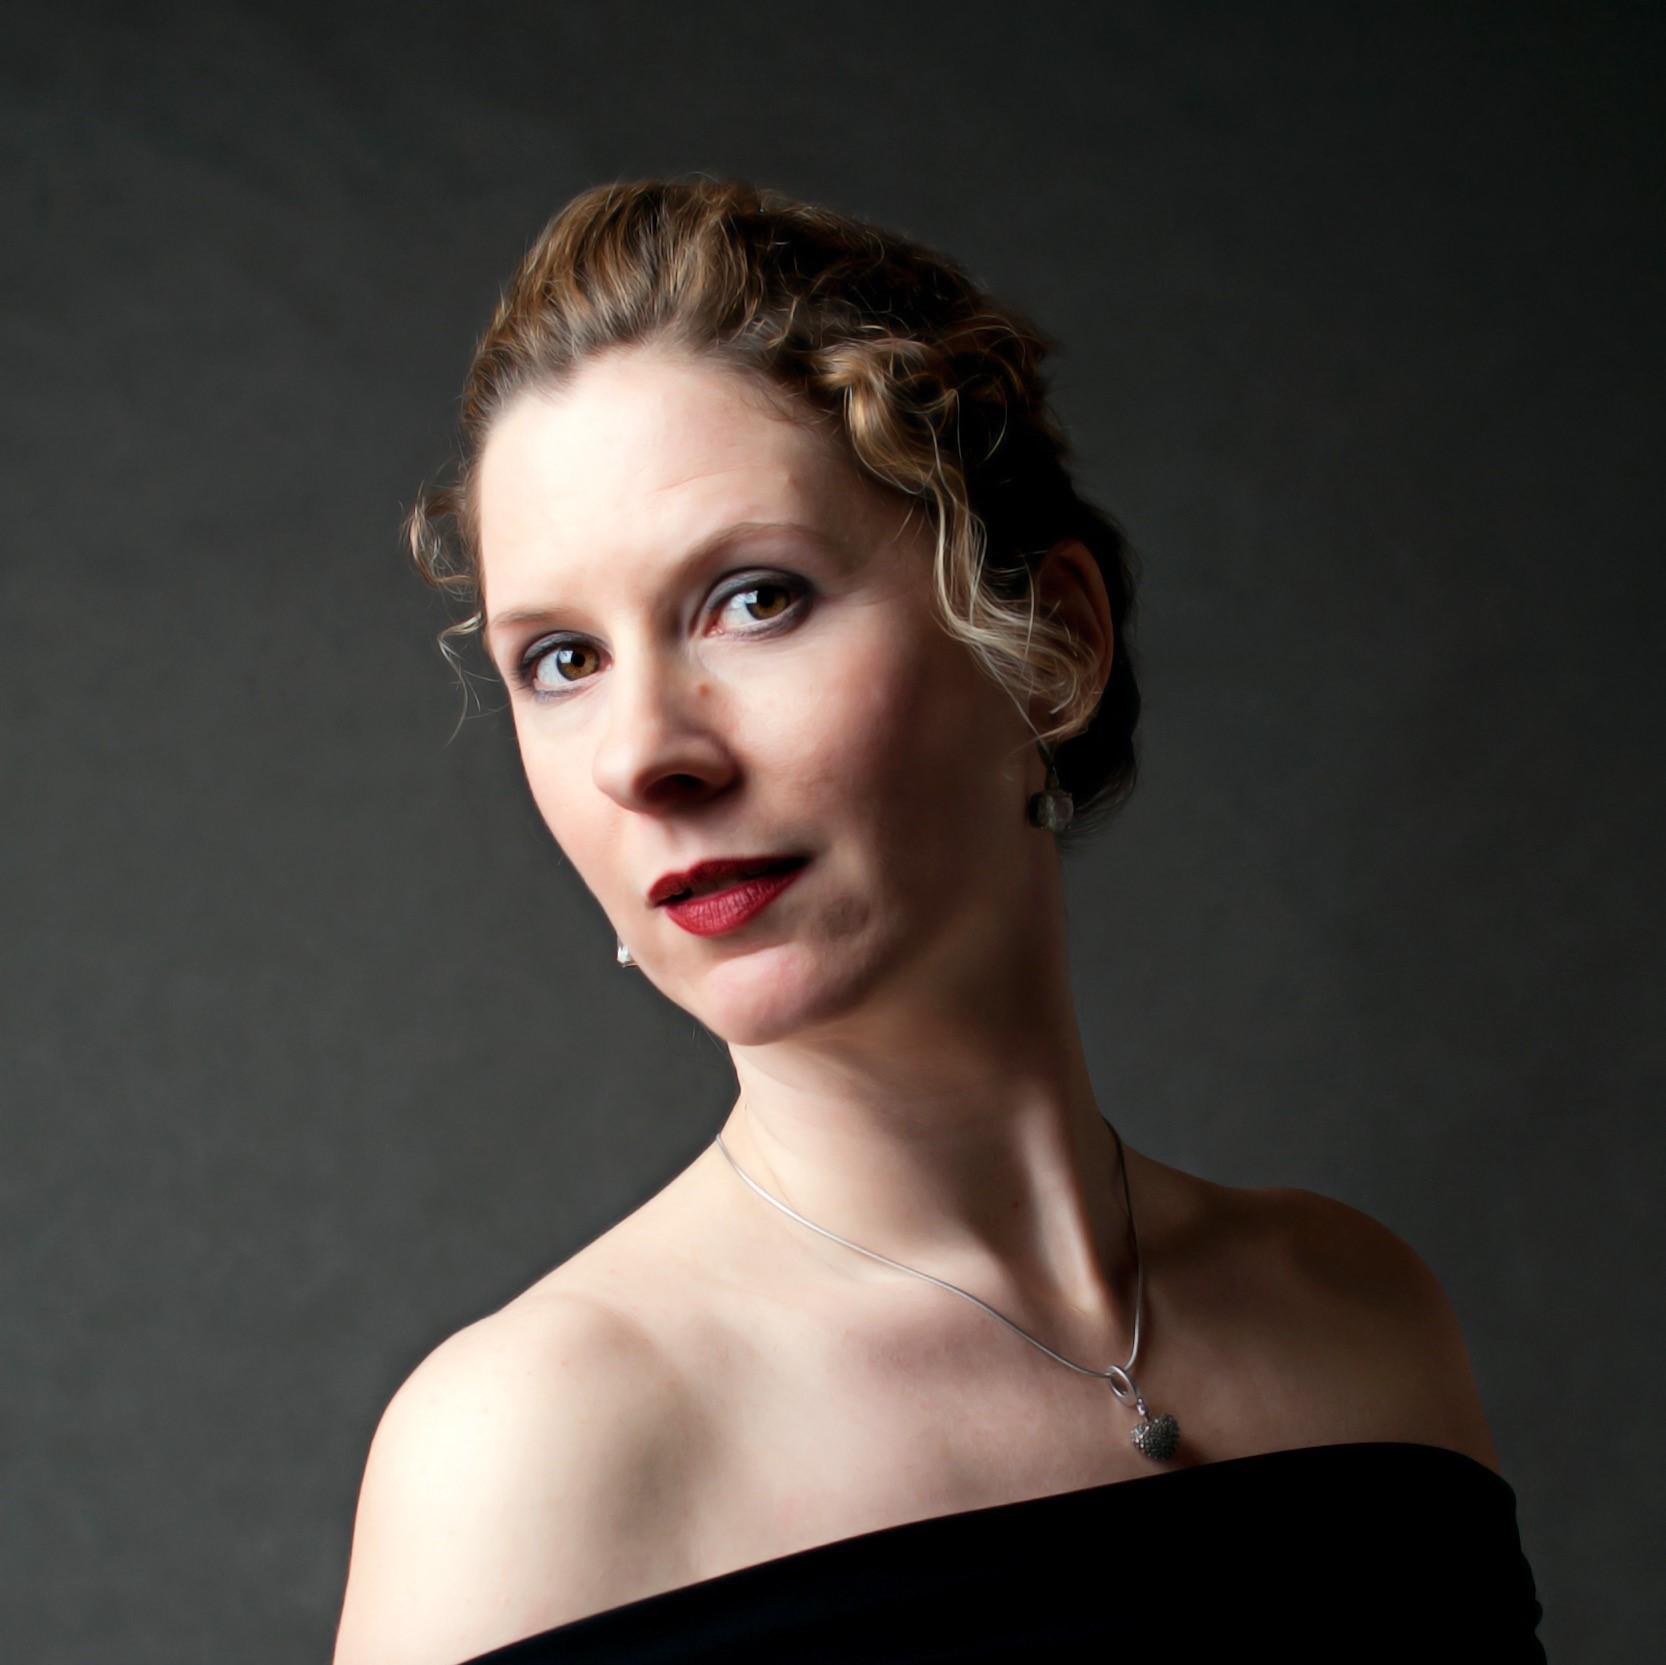 Joana Caspar